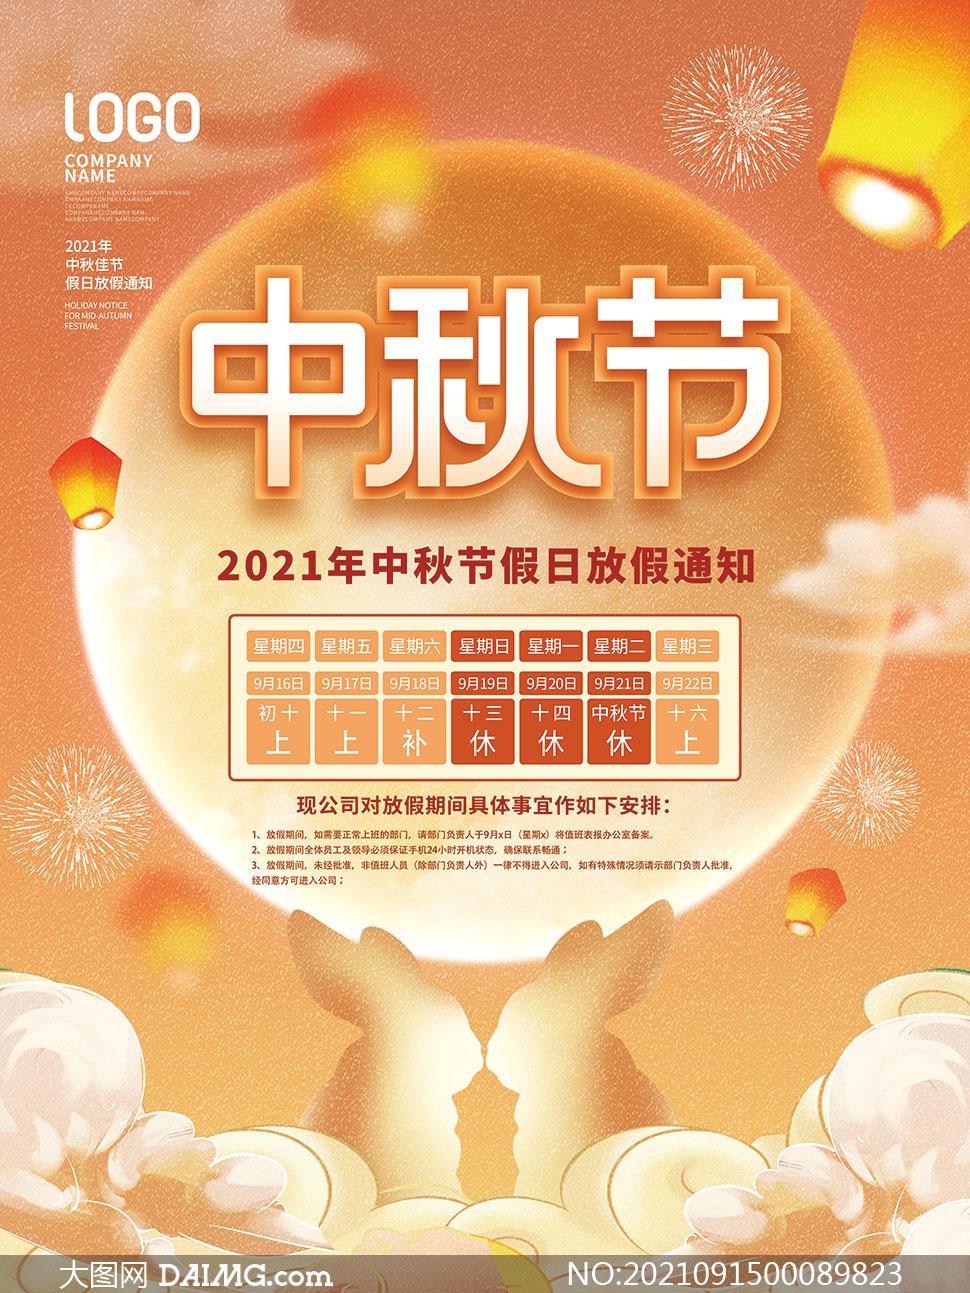 2021年中秋节假日放假通知PSD素材